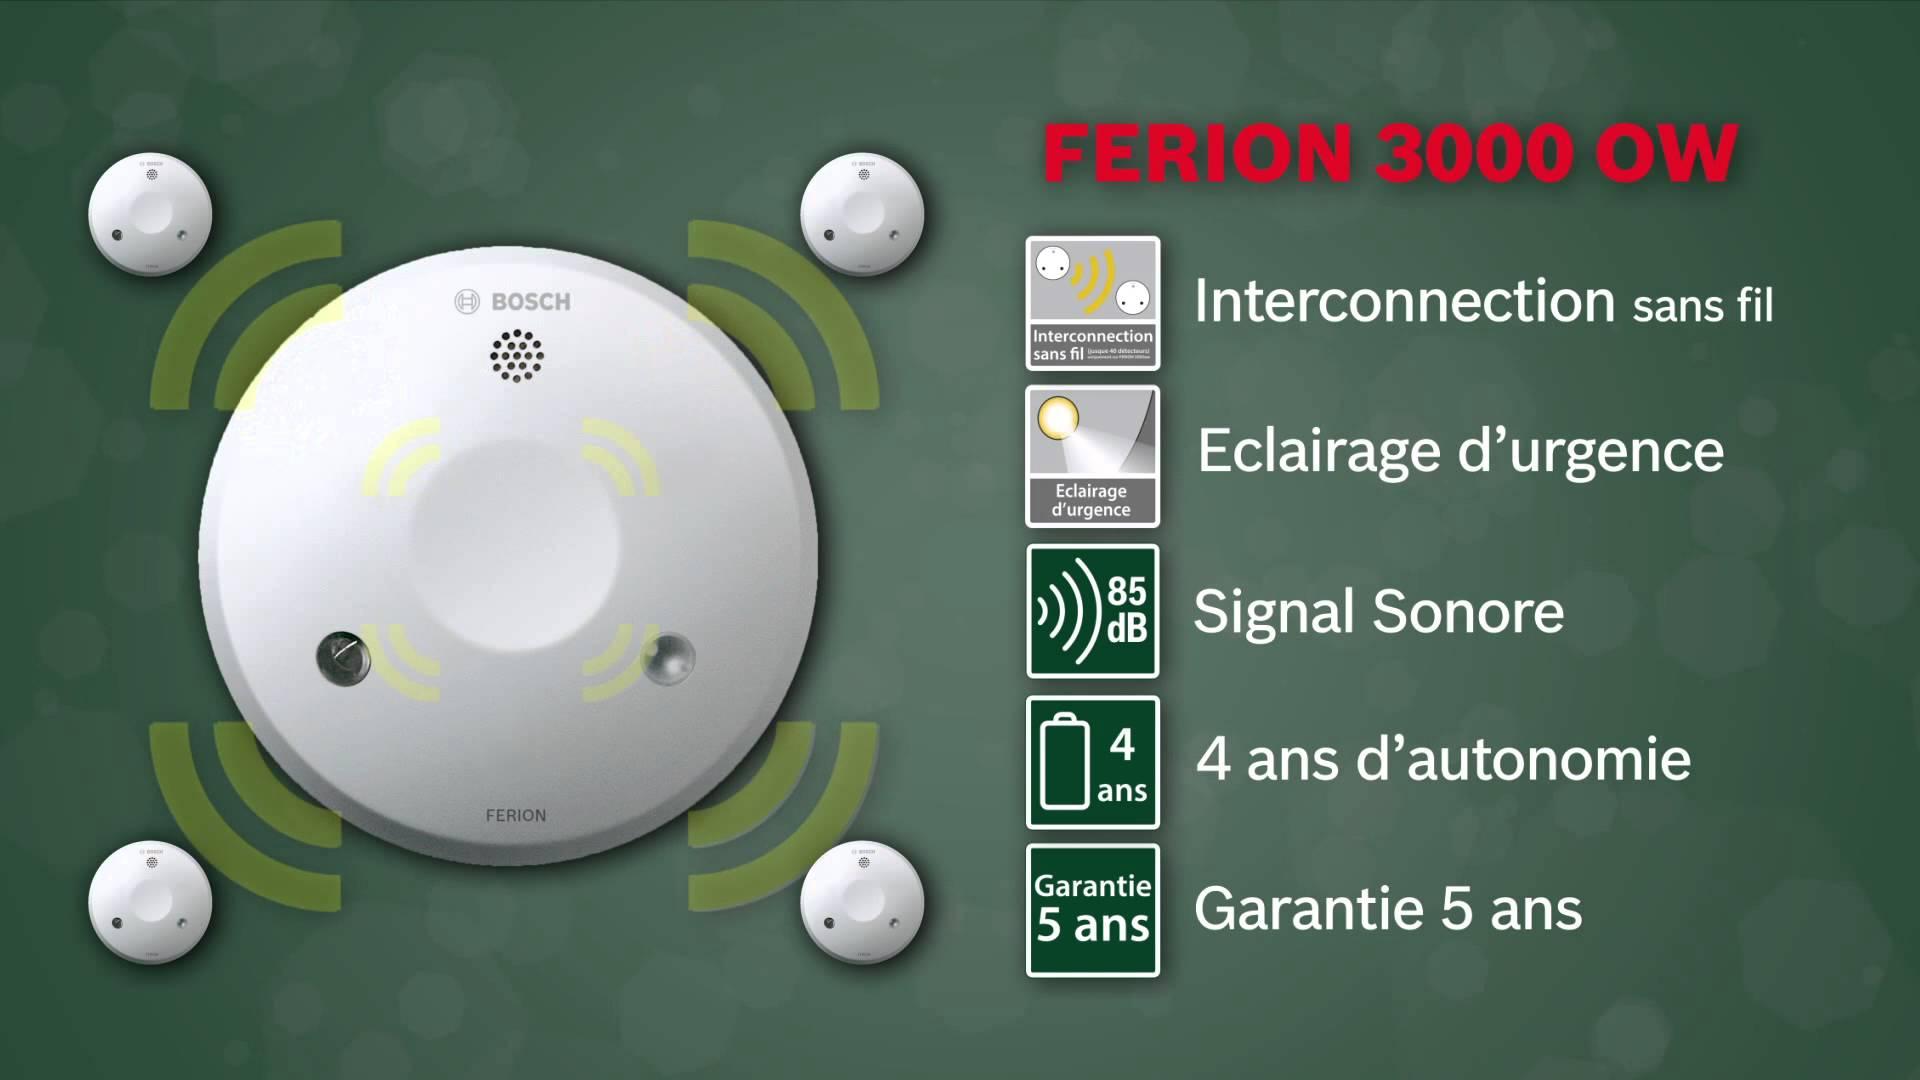 Ferion 3000 OW Bosch